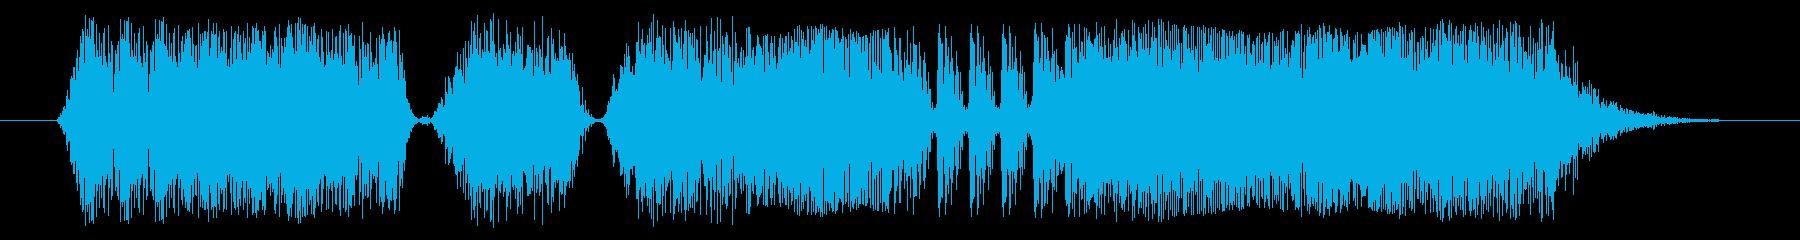 ビッグカオス2の再生済みの波形